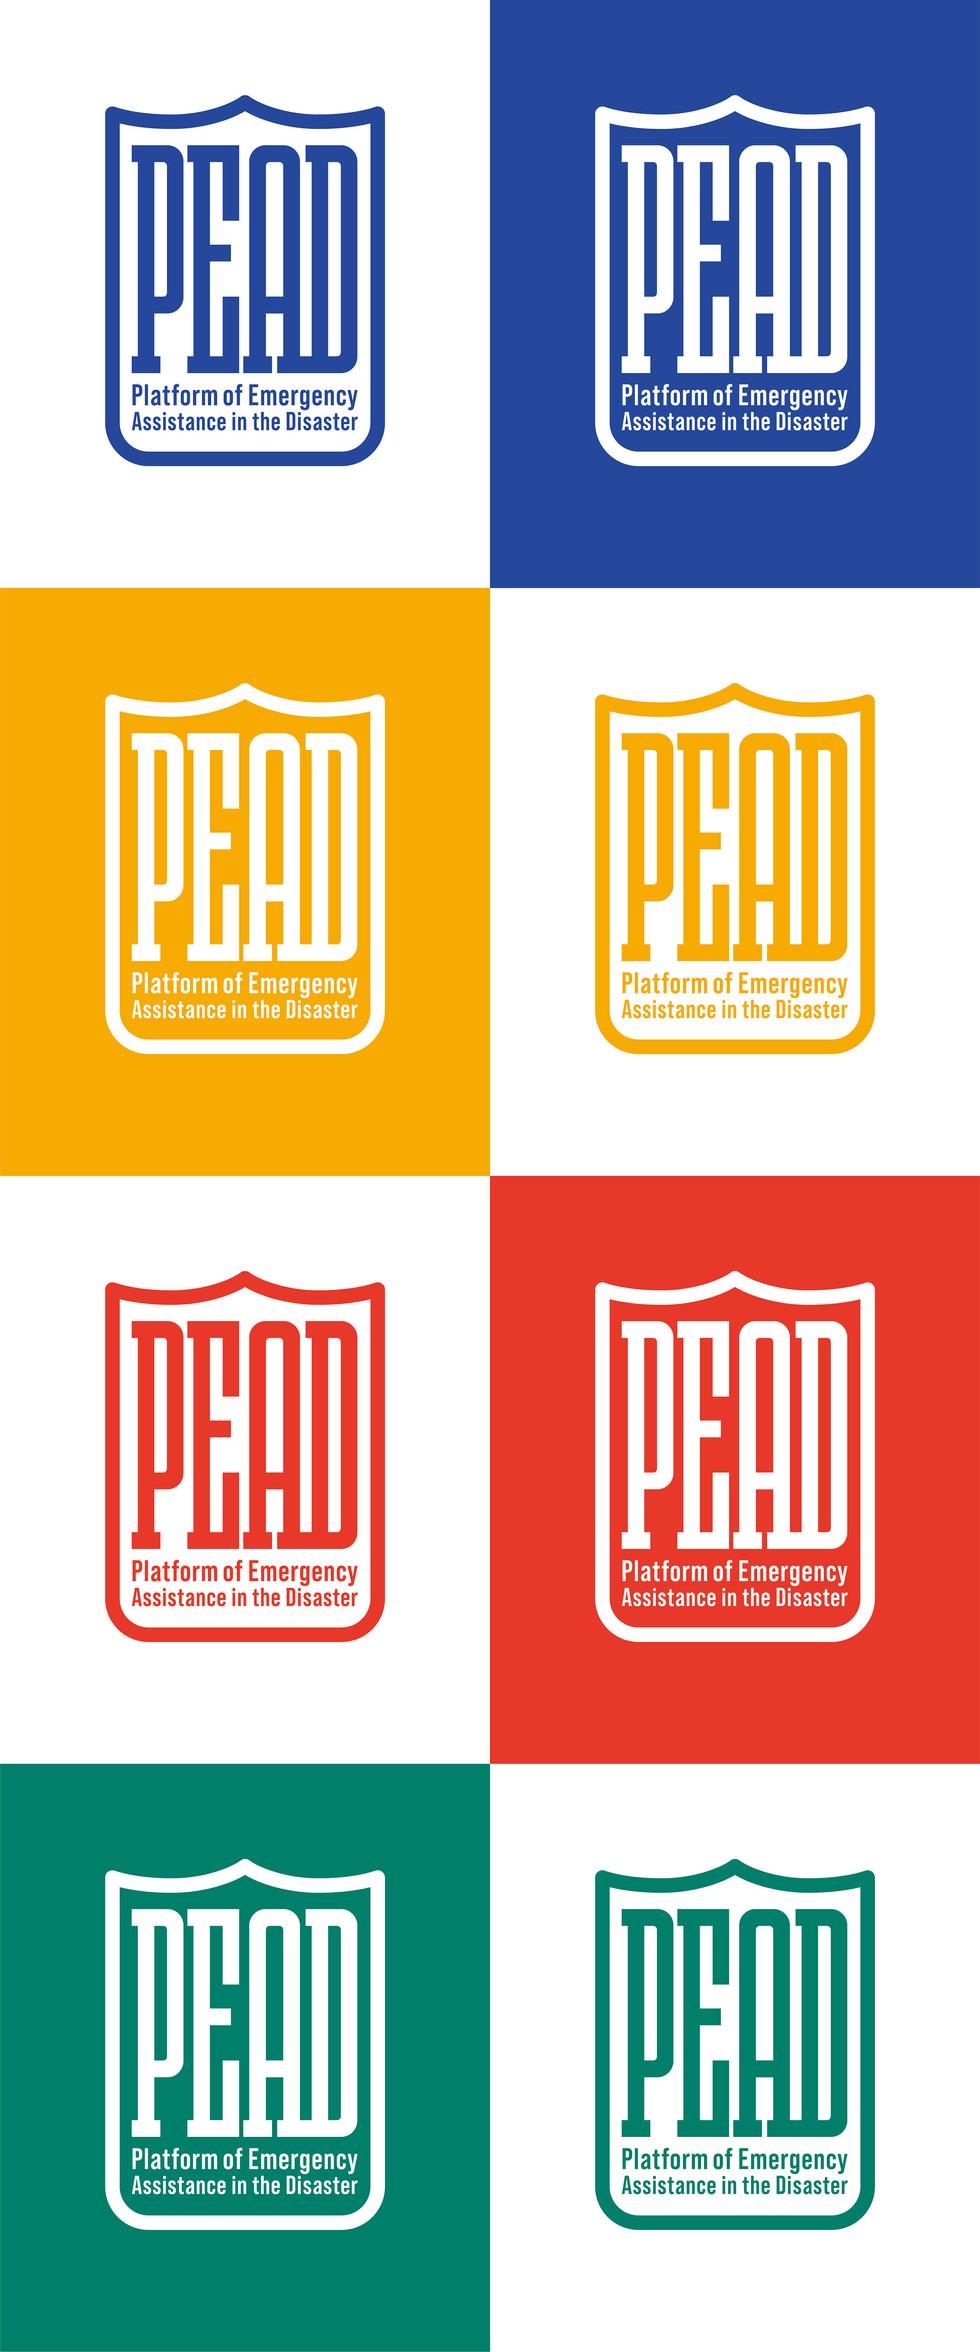 PEAD_01_アートボード 1 のコピー.jpg